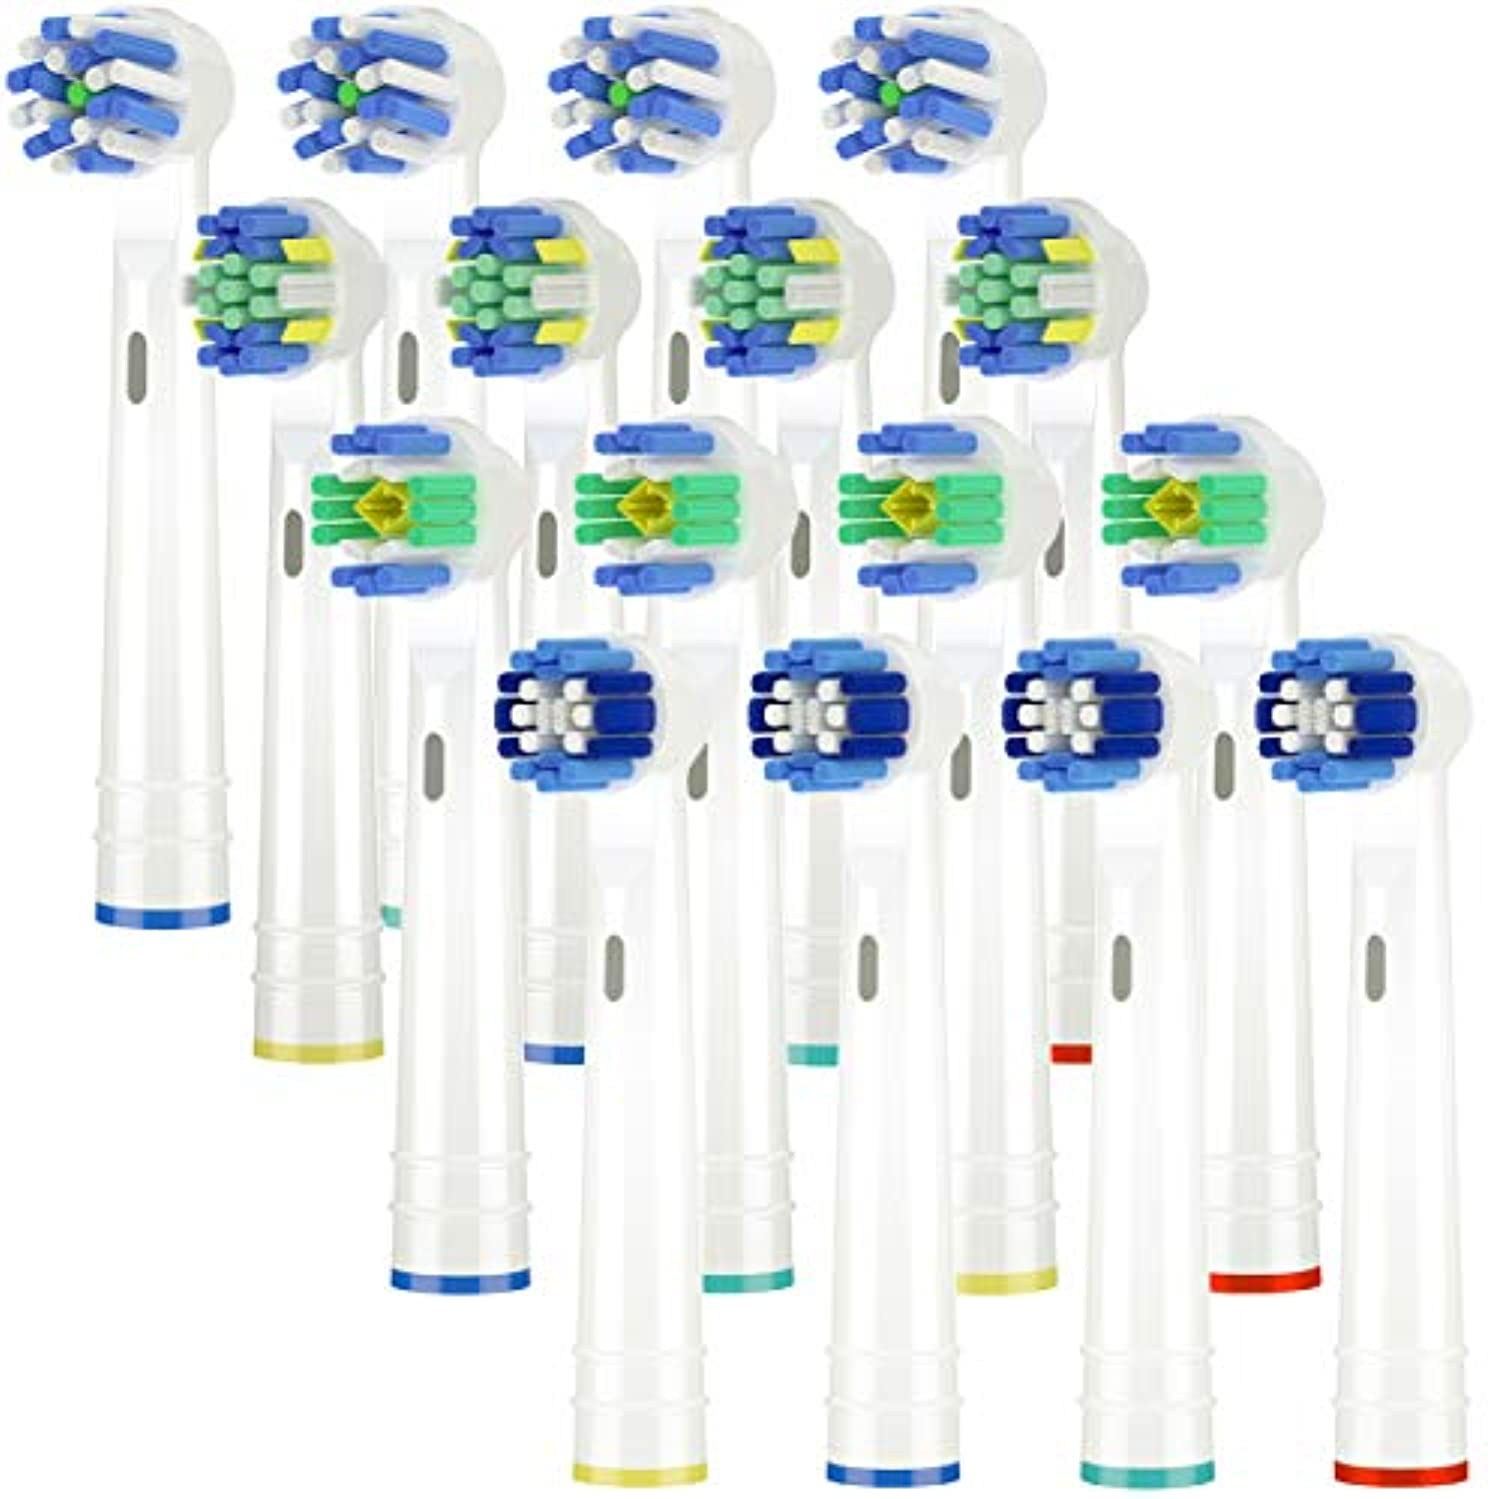 感情国旗演劇Itechnik 電動歯ブラシ 替えブラシ ブラウン オーラルB 対応 替えブラシ 4種類が入り:ホワイトニングブラシ 、ベーシックブラシ、歯間ワイパー付きブラシ、マルチアクションブラシ 凡用な16本